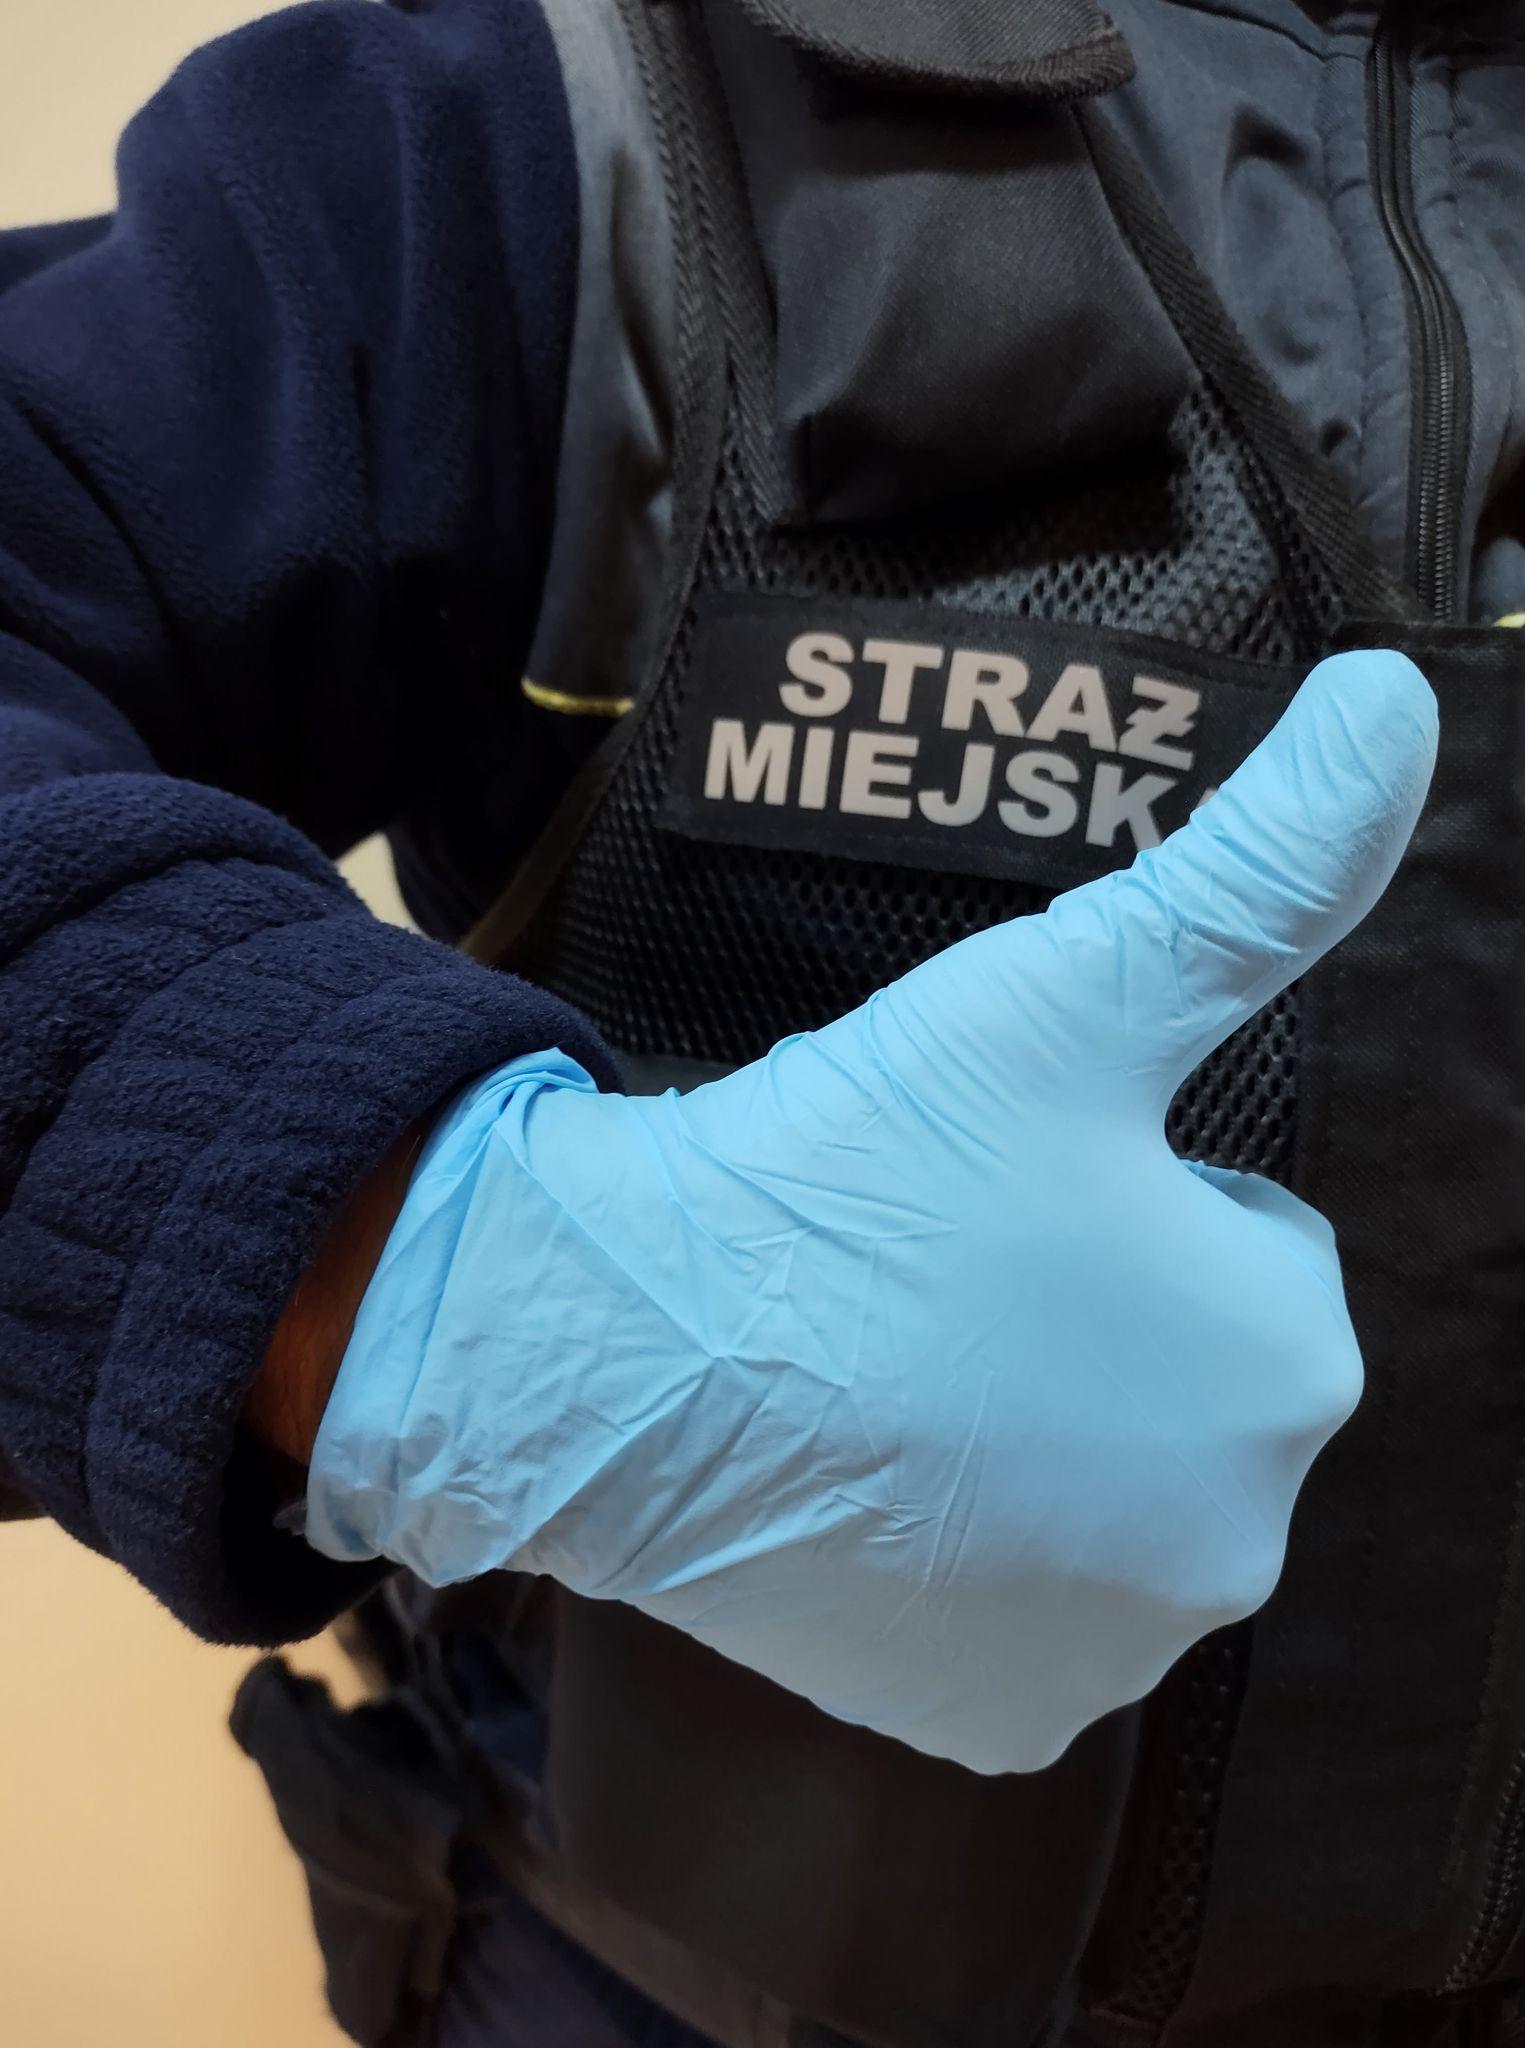 Zdjęcie przedstawia rękę strażnika miejskiego w rękawiczce ochronnej z uniesionym kciukiem na znak OK